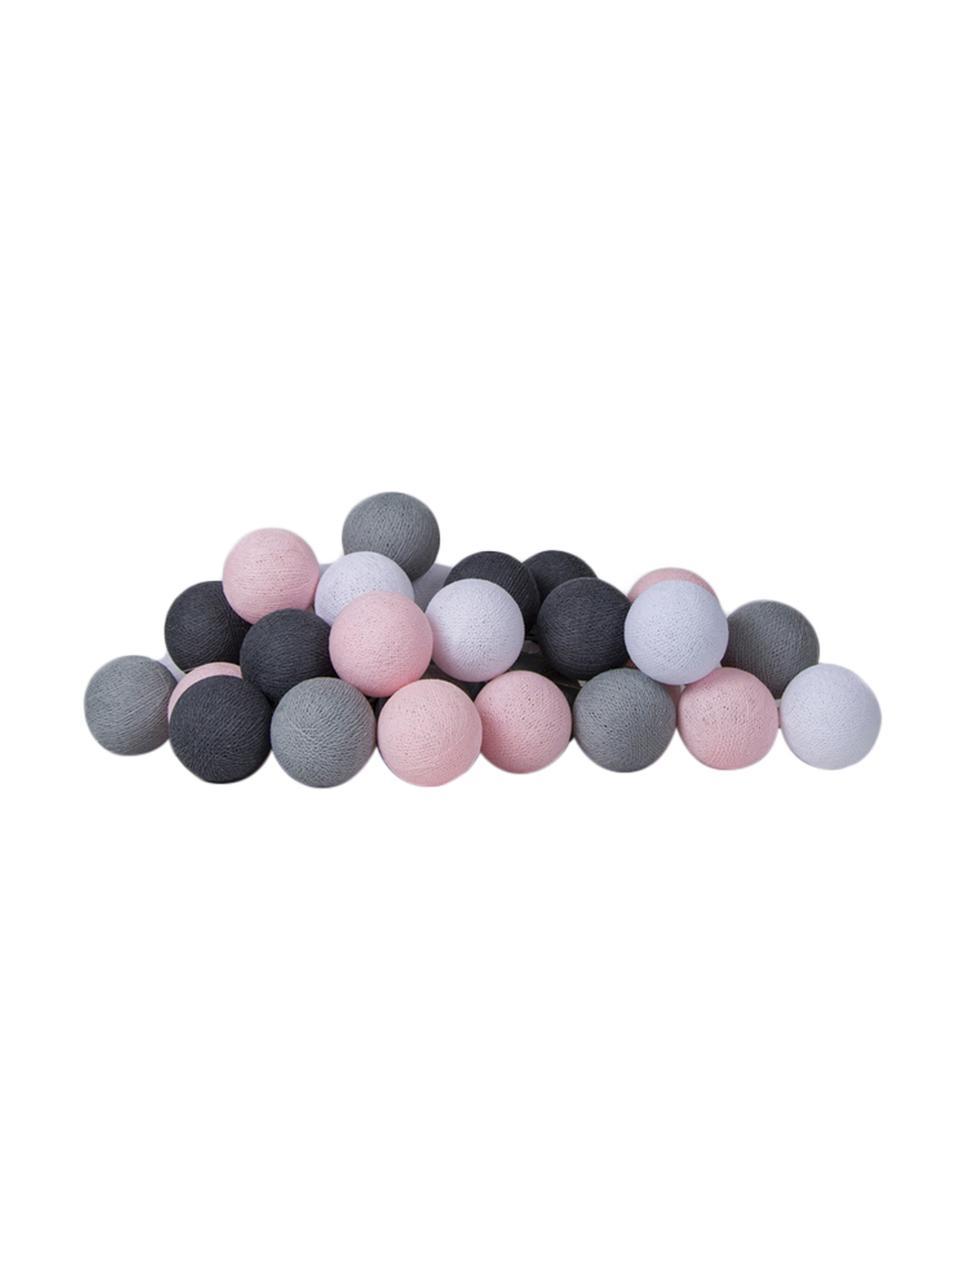 Ghirlanda  a LED Colorain, Rosa, tonalità grigie, Lung. 264 cm